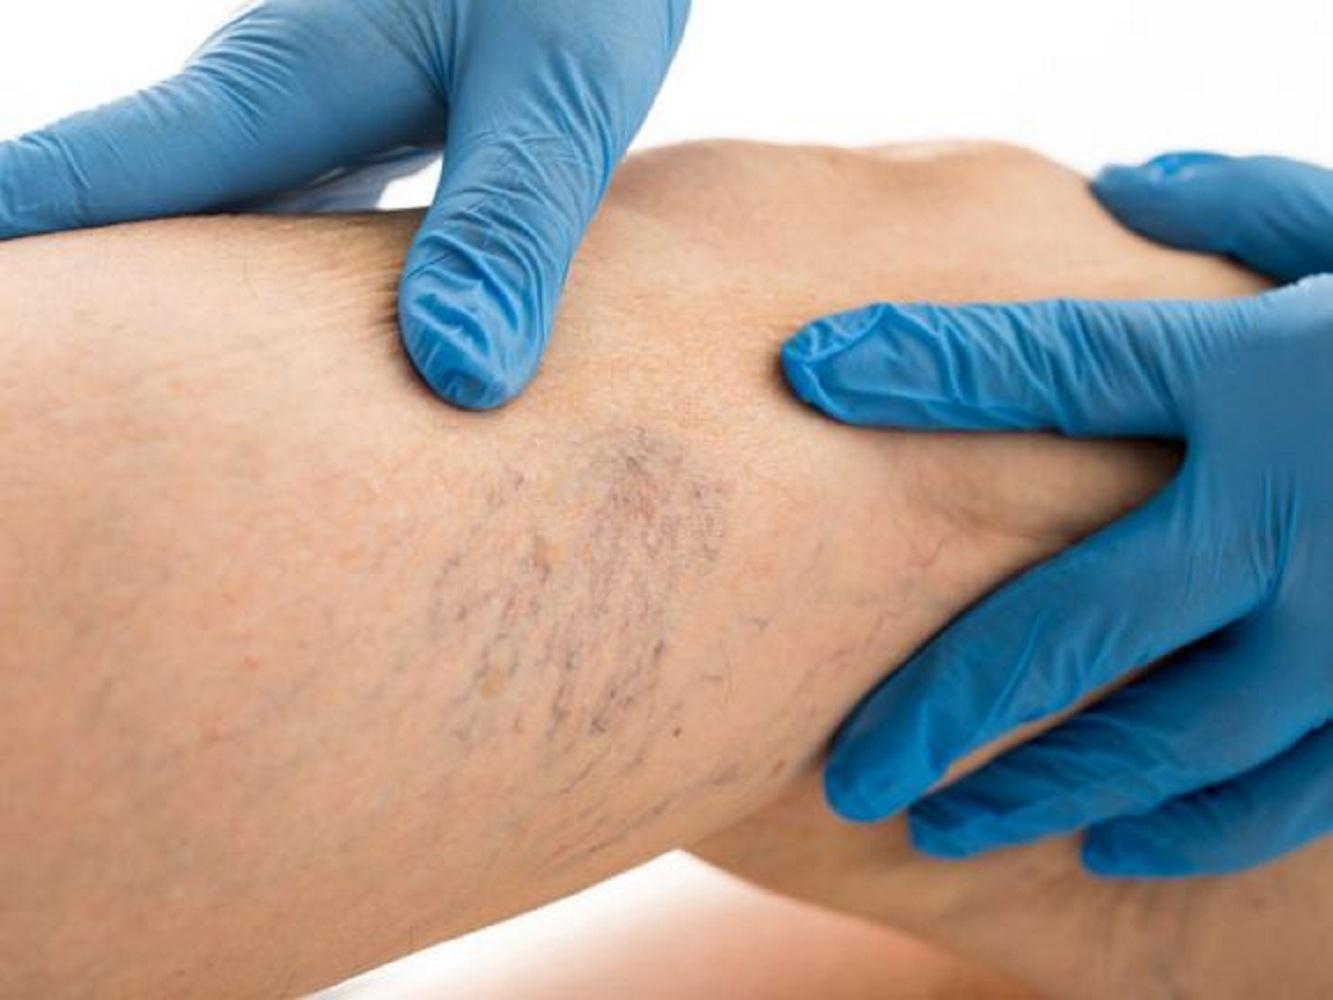 hogyan lehet elkerülni a visszeres vérrögöket